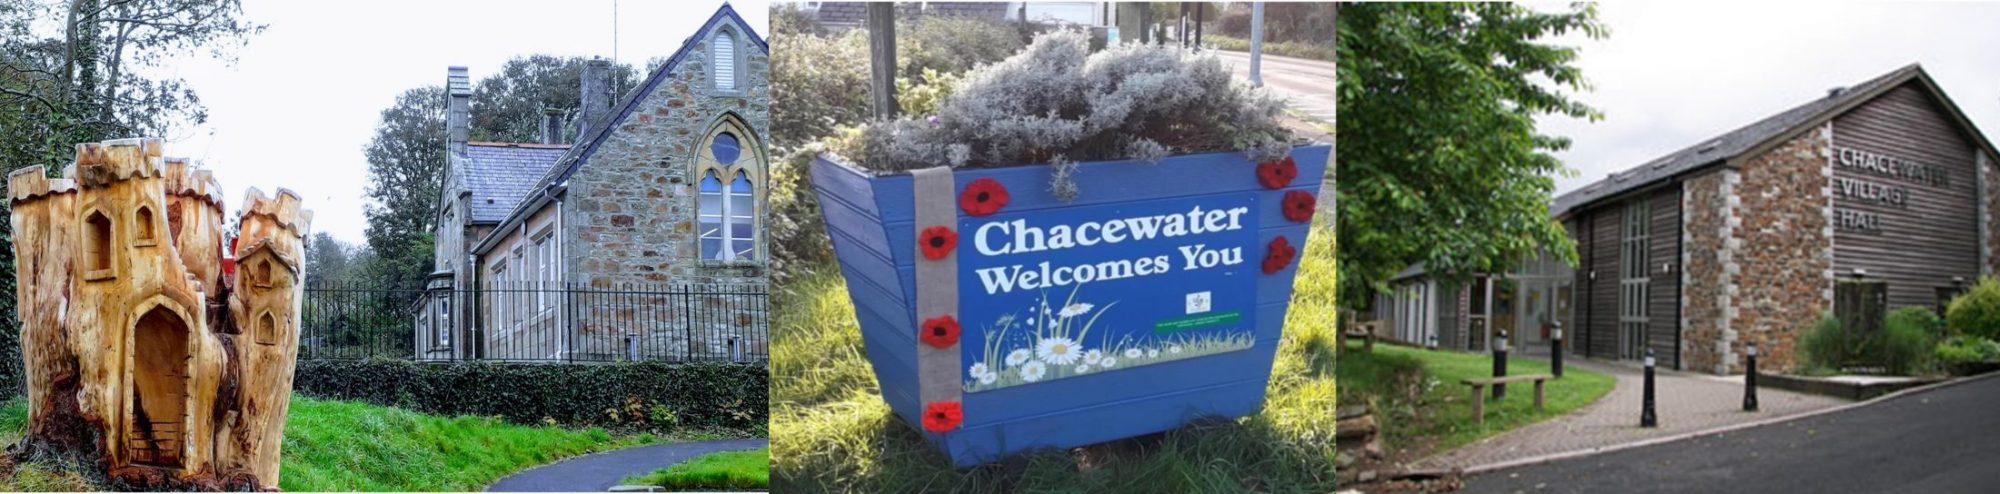 Chacewater Village Website